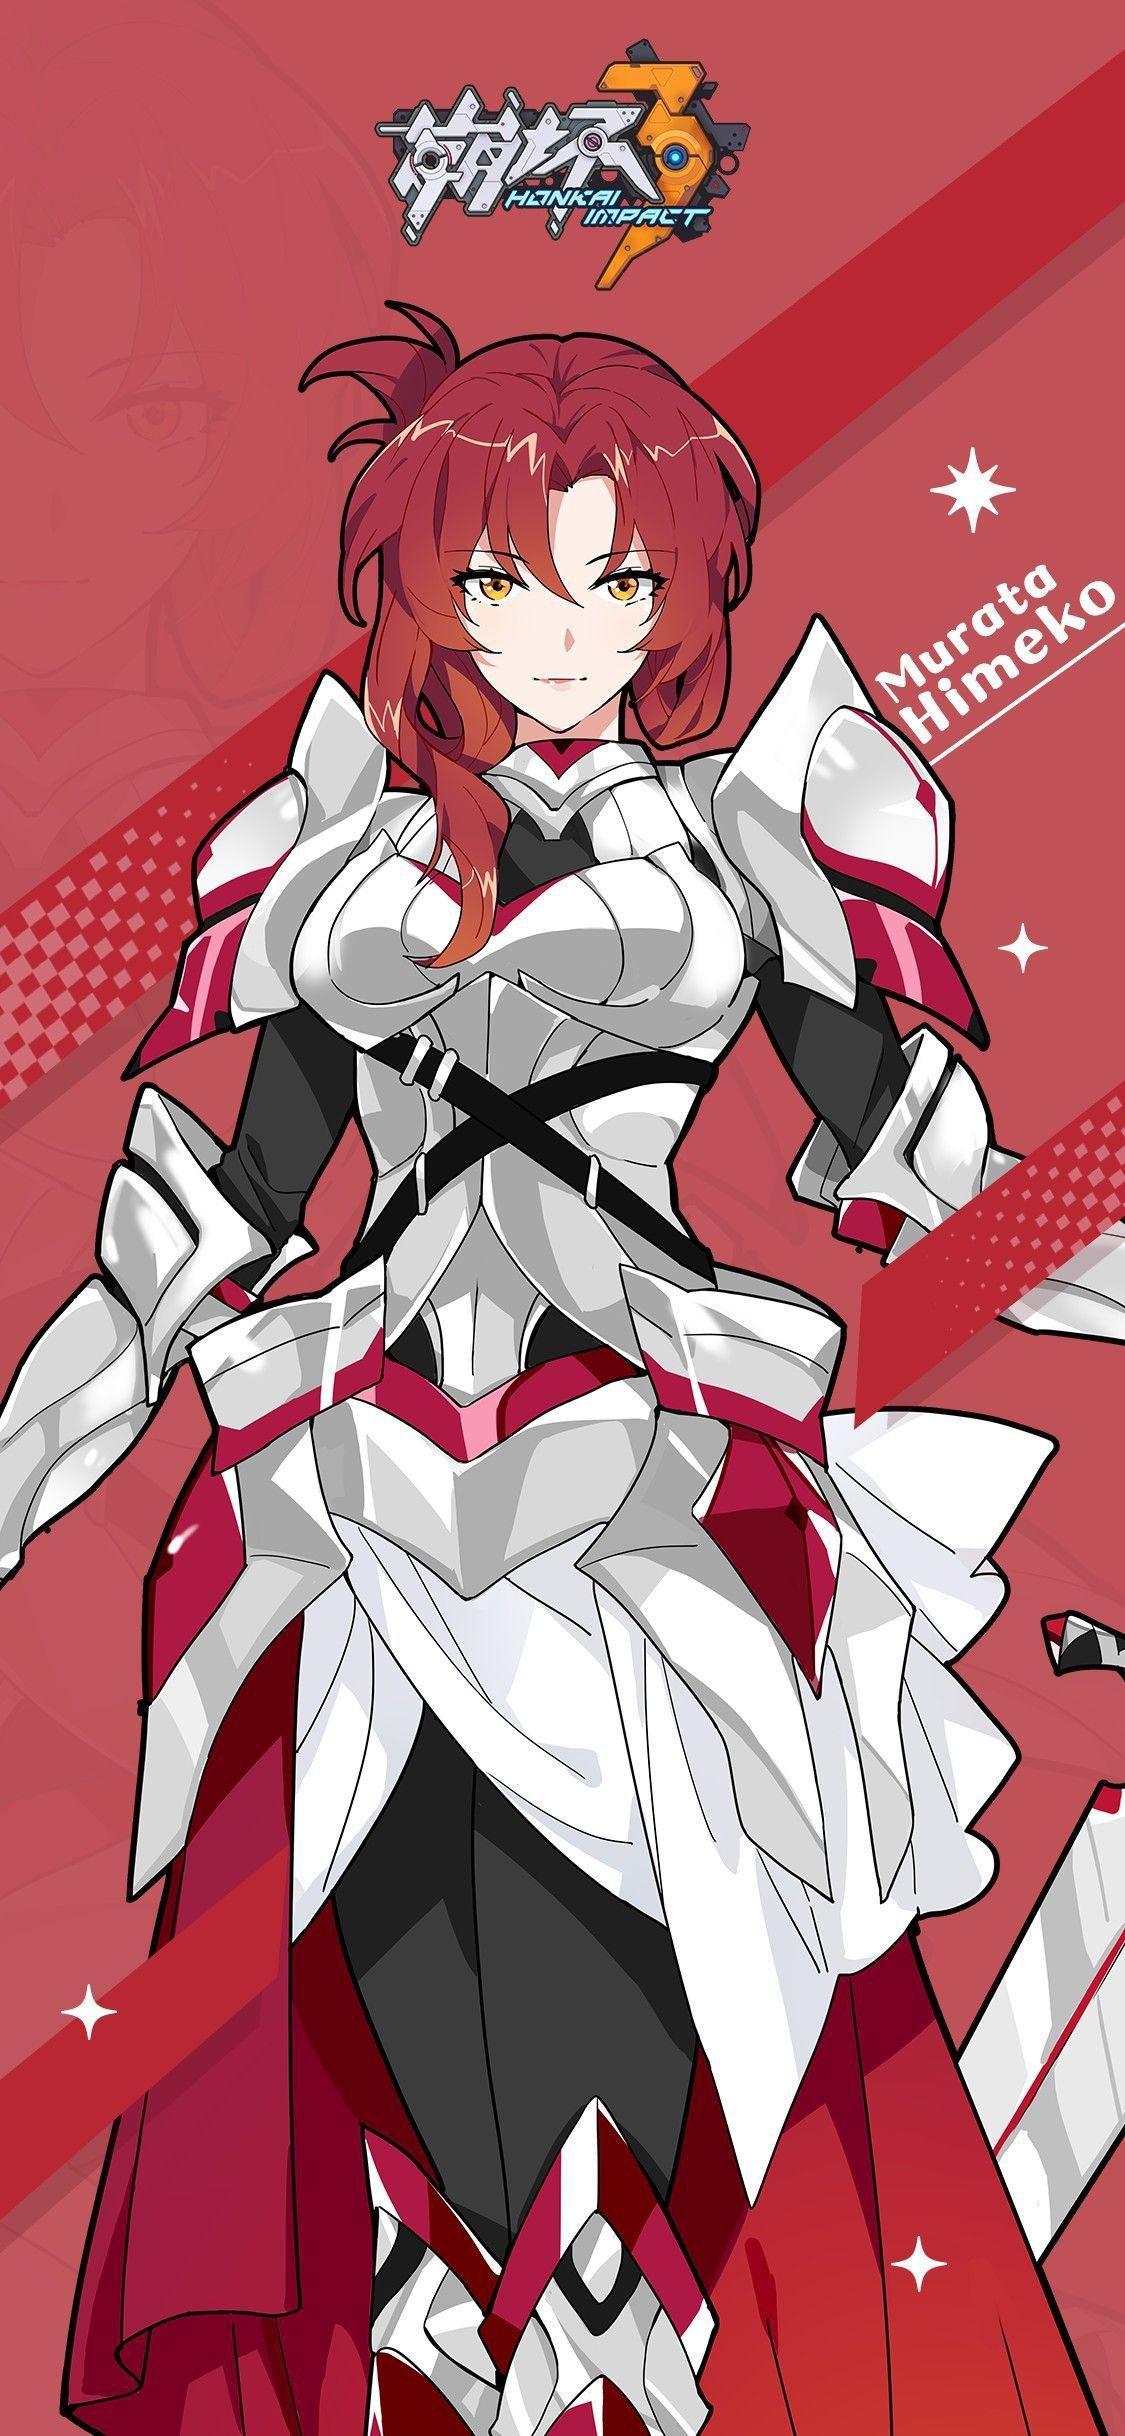 Pin by Fredeus on Honkai Impact 3 Anime artwork, Anime